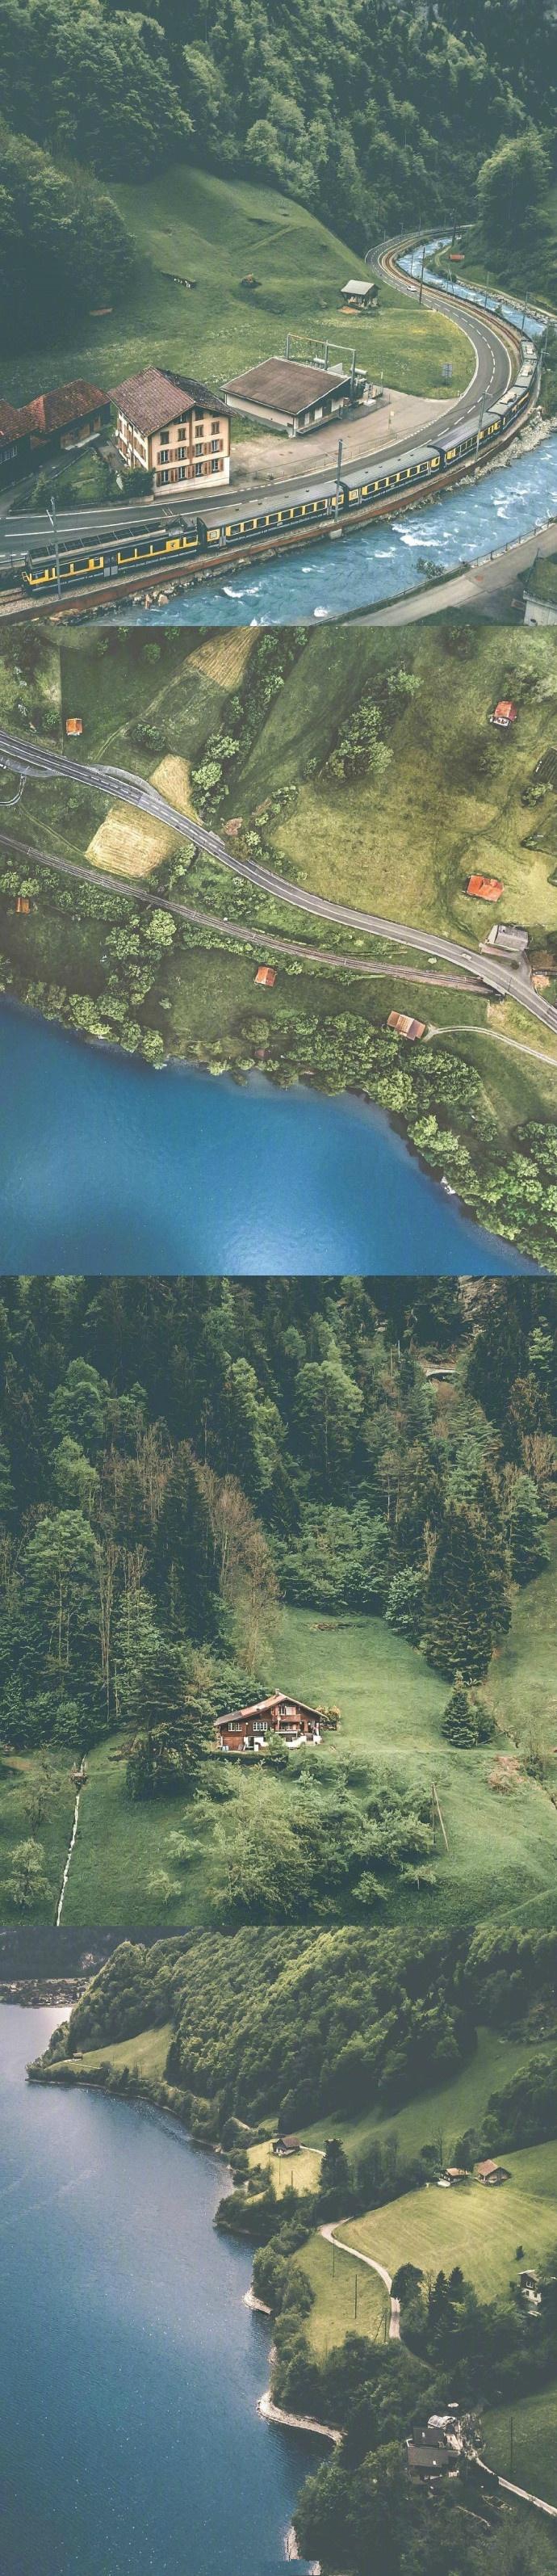 Tên là Iceland nhưng nhìn đâu cũng thấy màu xanh mướt